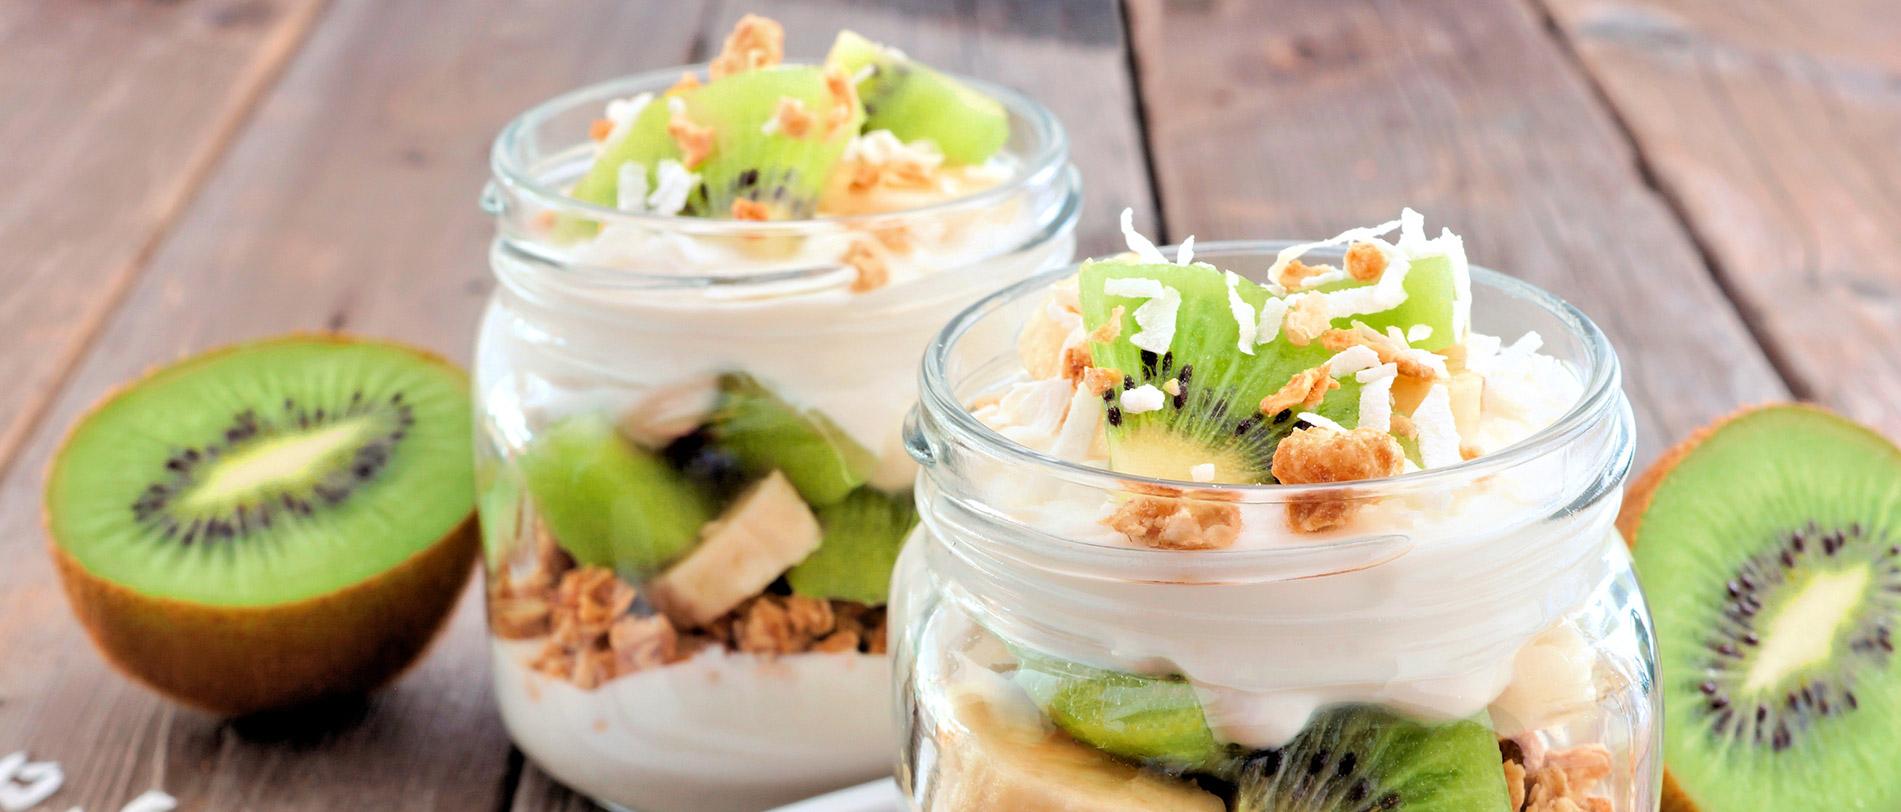 Petit-déjeuner sain et équilibré